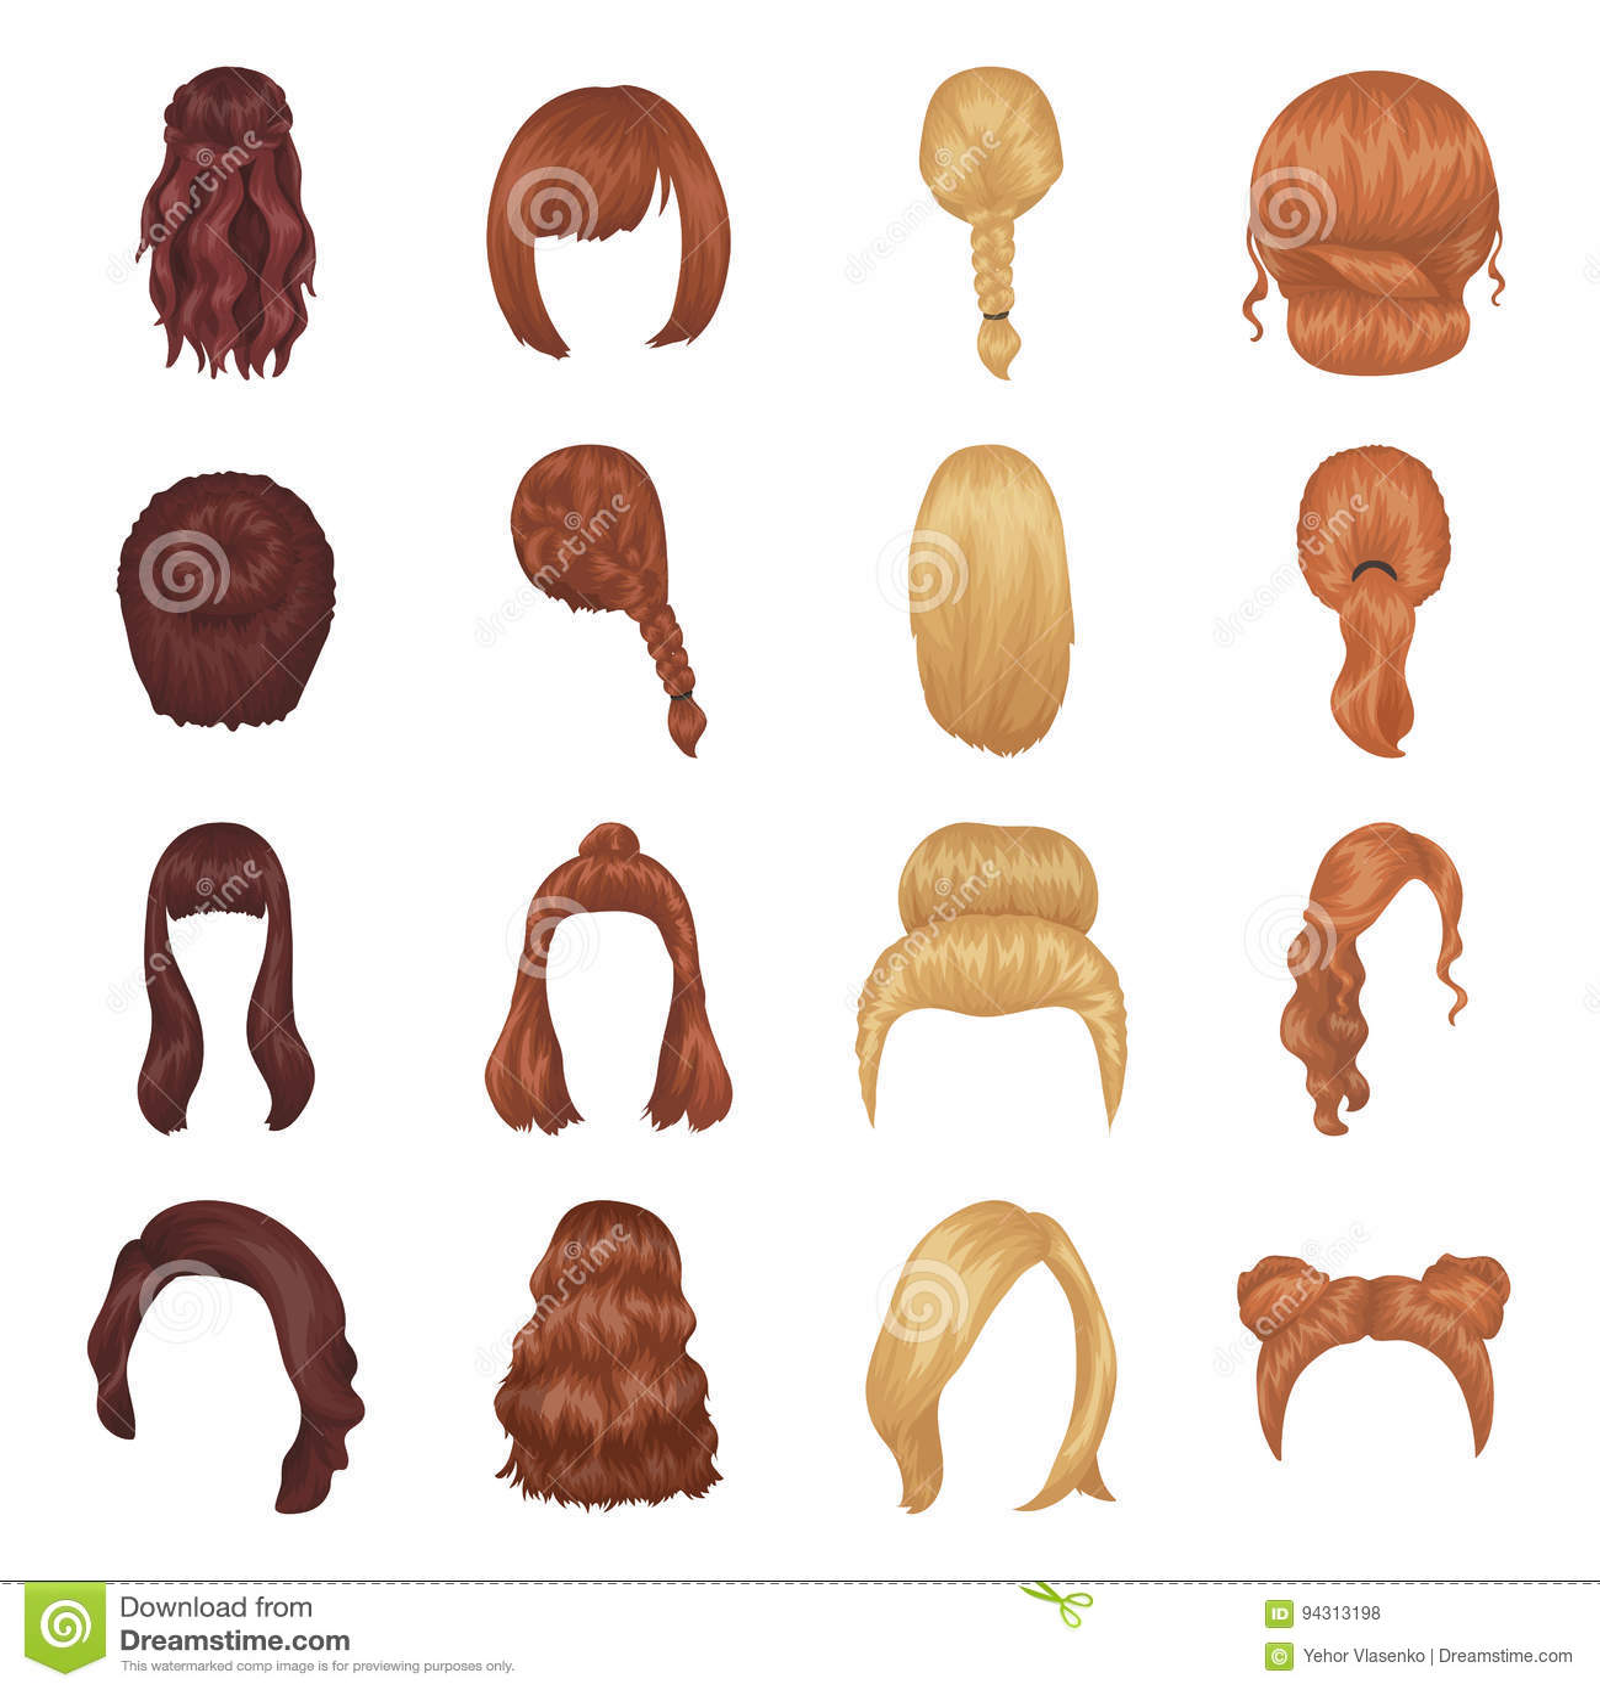 Viererkabel Blonde Zopfe Und Andere Arten Frisuren Vector Gesetzte